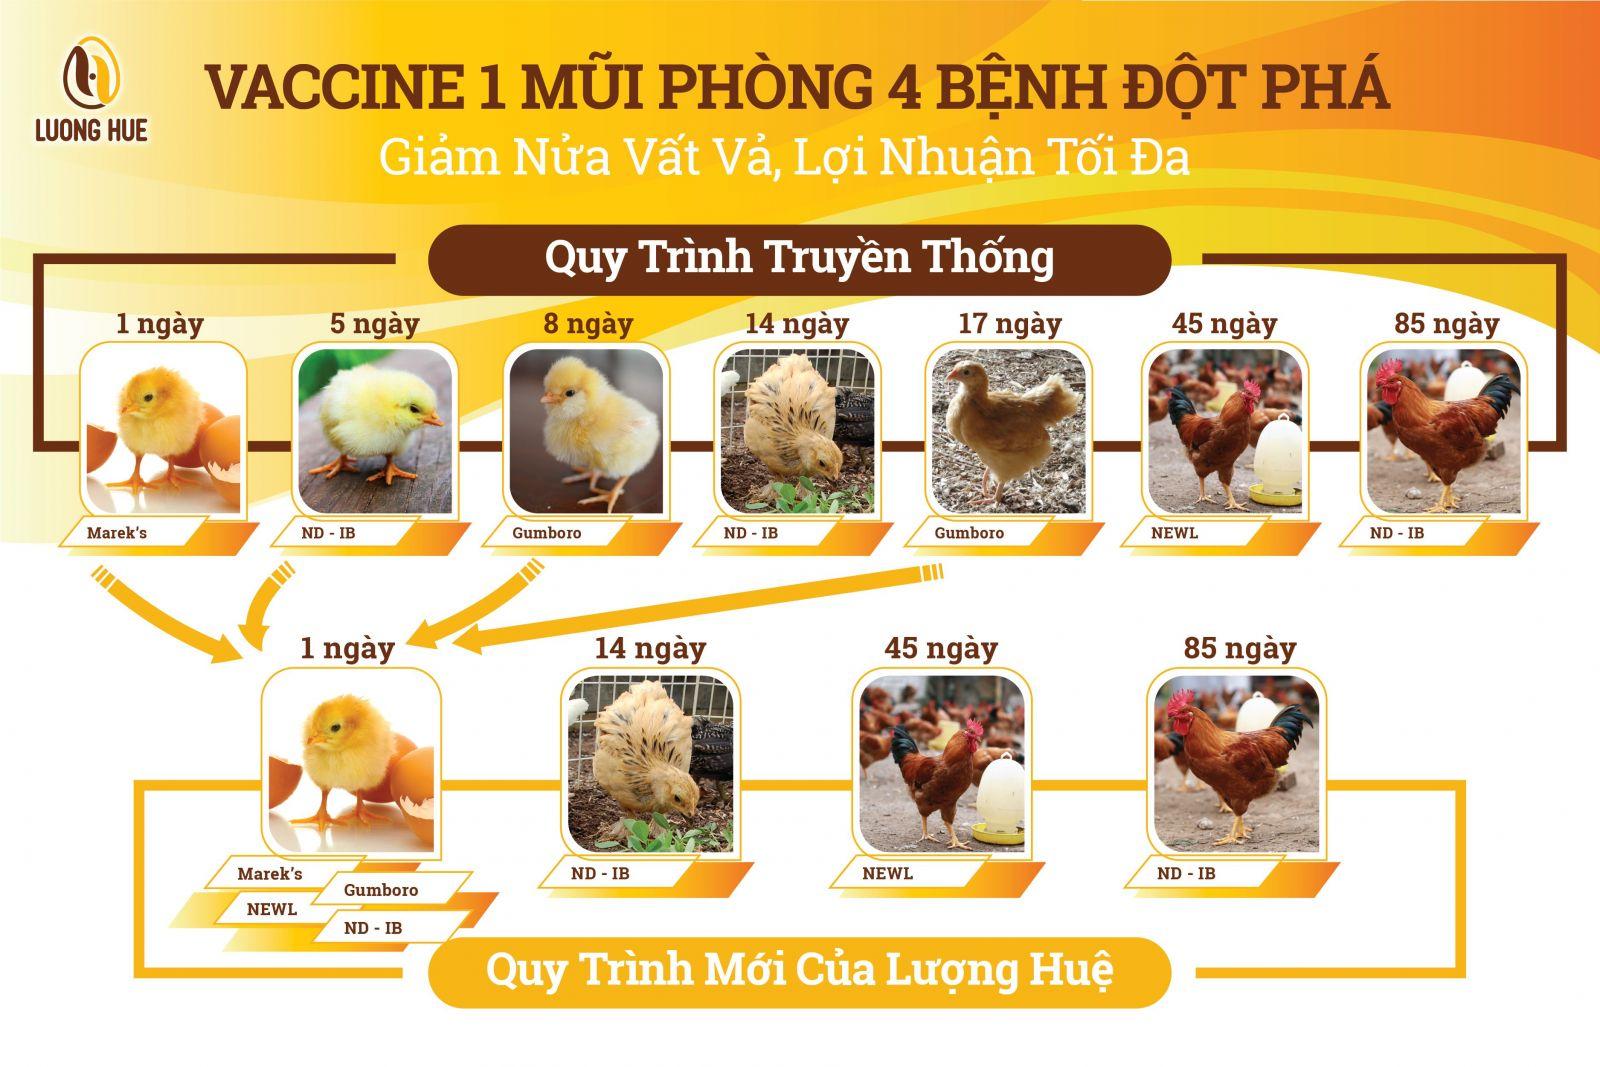 Lợi ích từ việc tiêm phòng vắc xin trong chăn nuôi gà Ta - Giảm nửa nỗi lo - vất vả